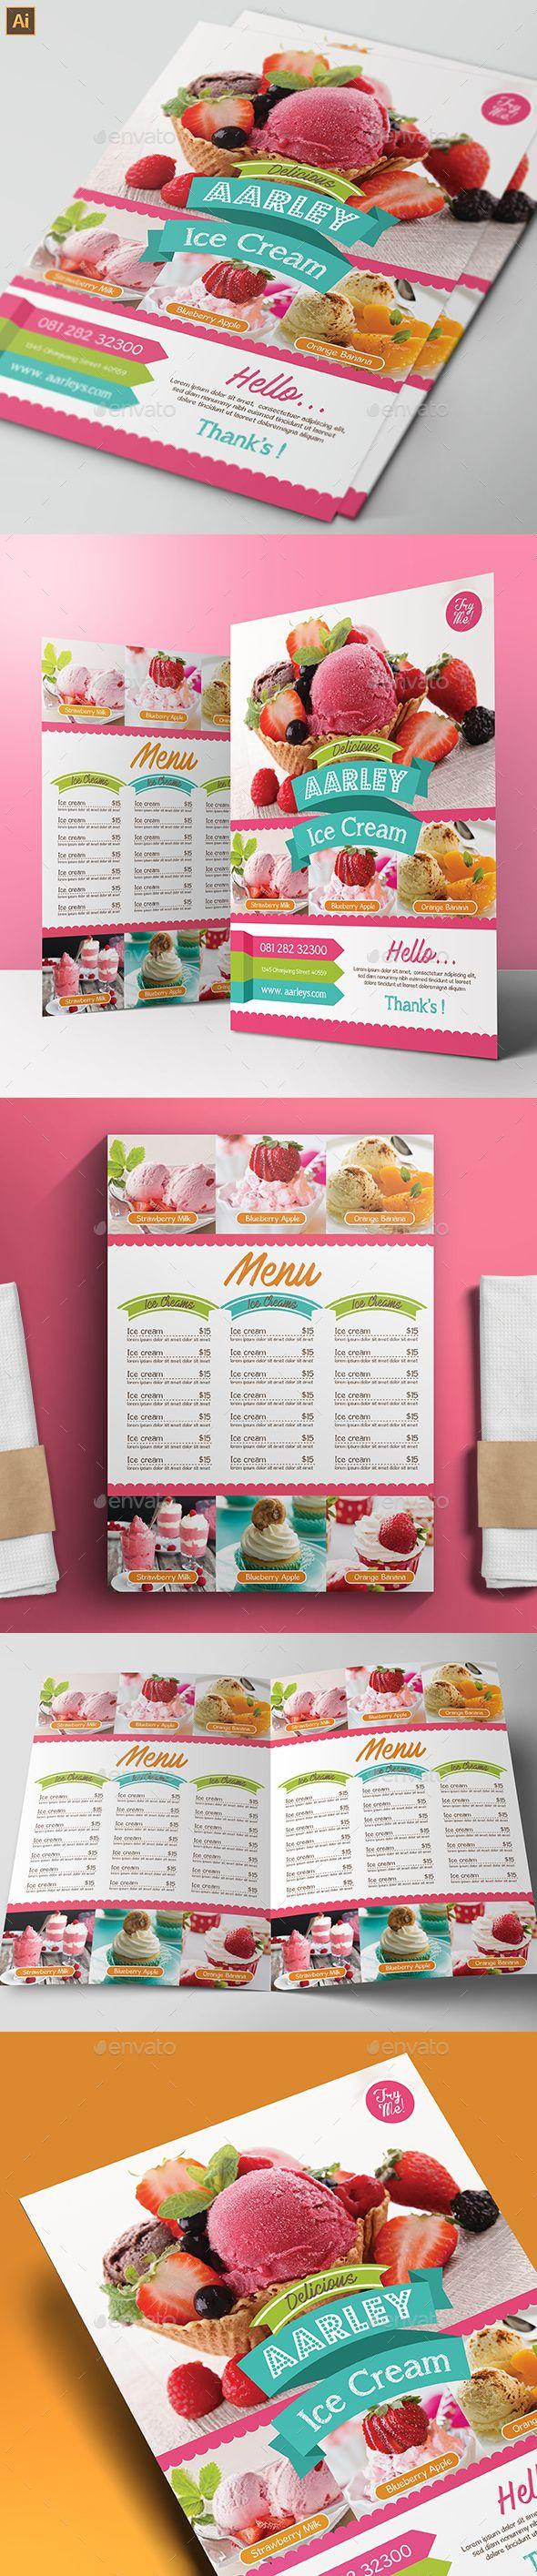 Ice Cream Menu | Cartelitos